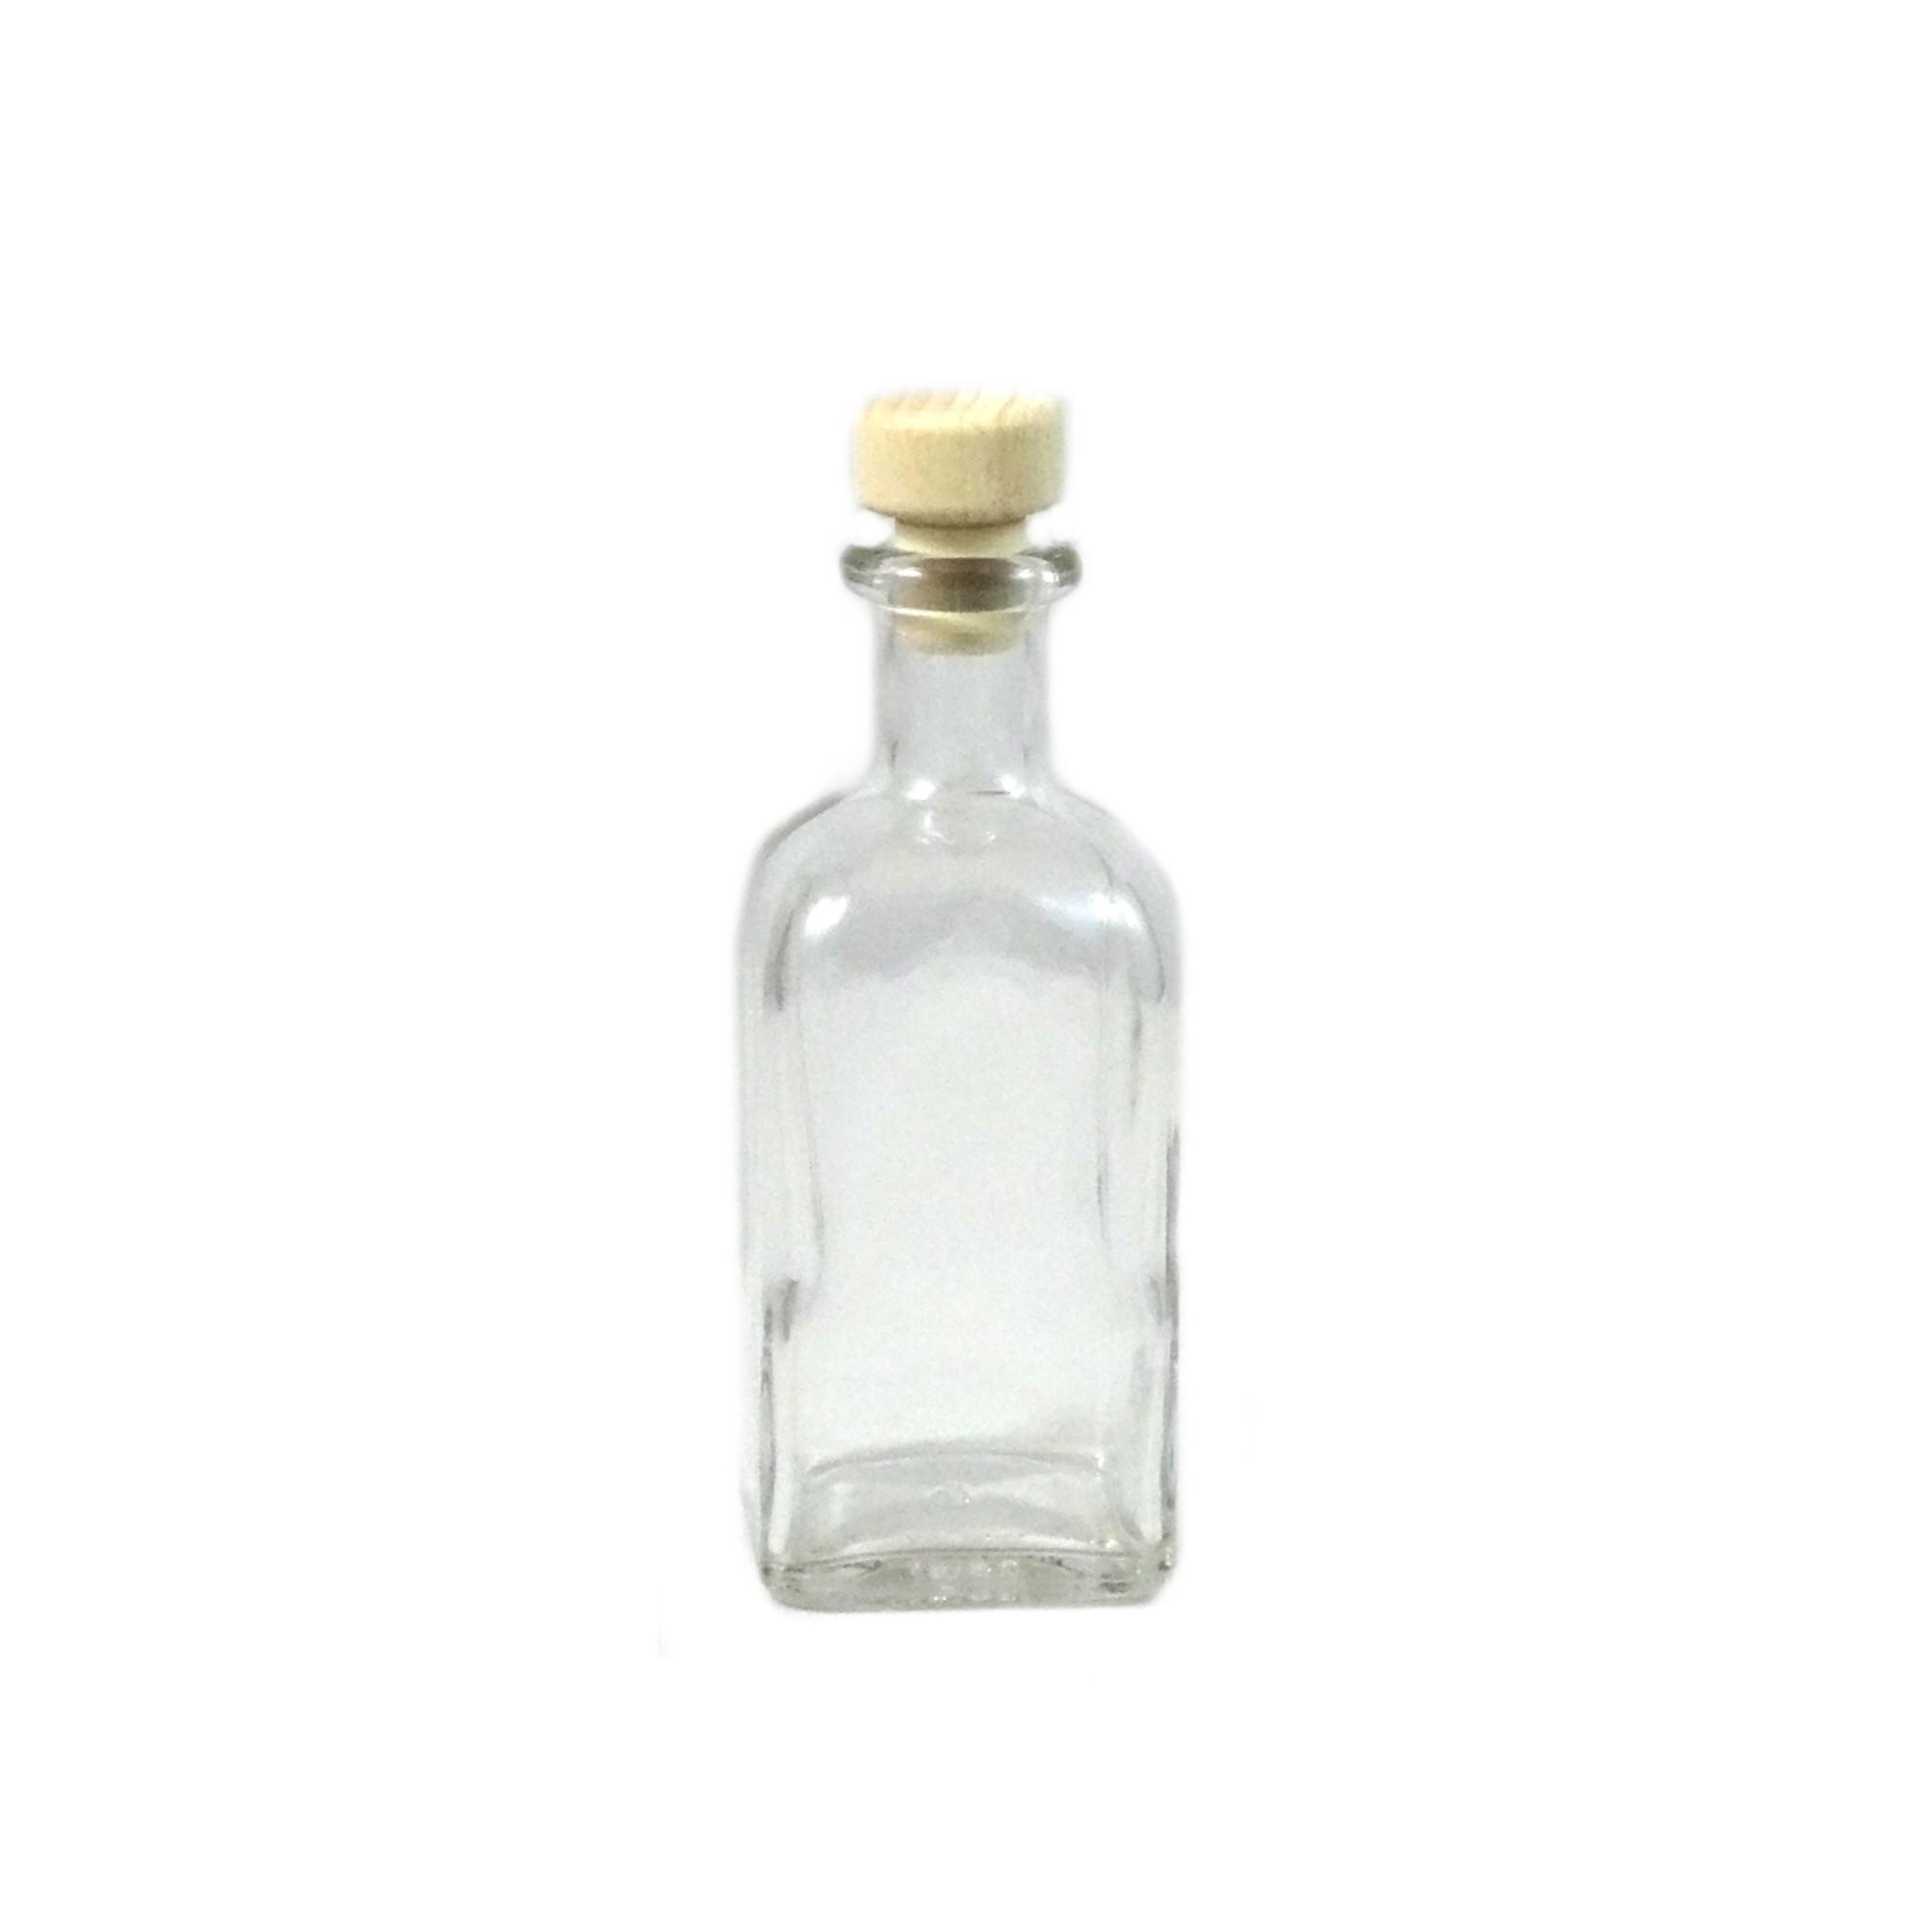 bouteille vide 25 cl